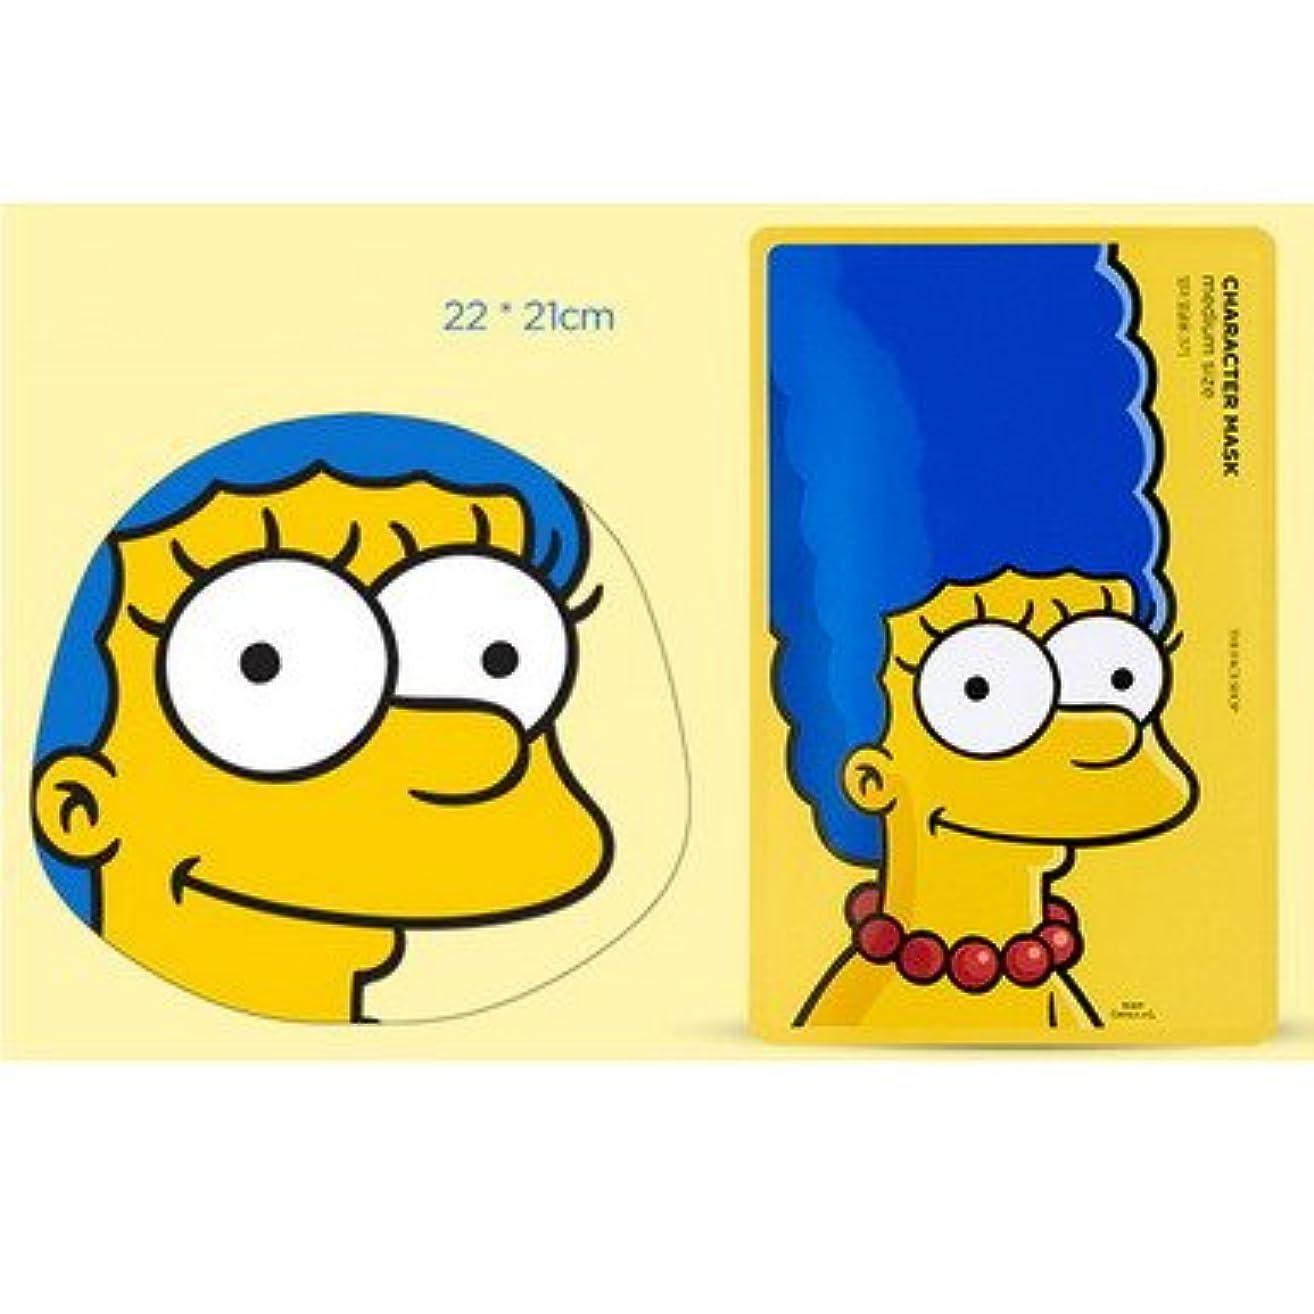 エゴイズムガム警察署【The Face Shop (ザ?フェイスショップ)】 The Simpsons ザ?シンプソンズ キャラクターマスク 25g (3種類選択1) (マージ (ザクロ)) [並行輸入品]